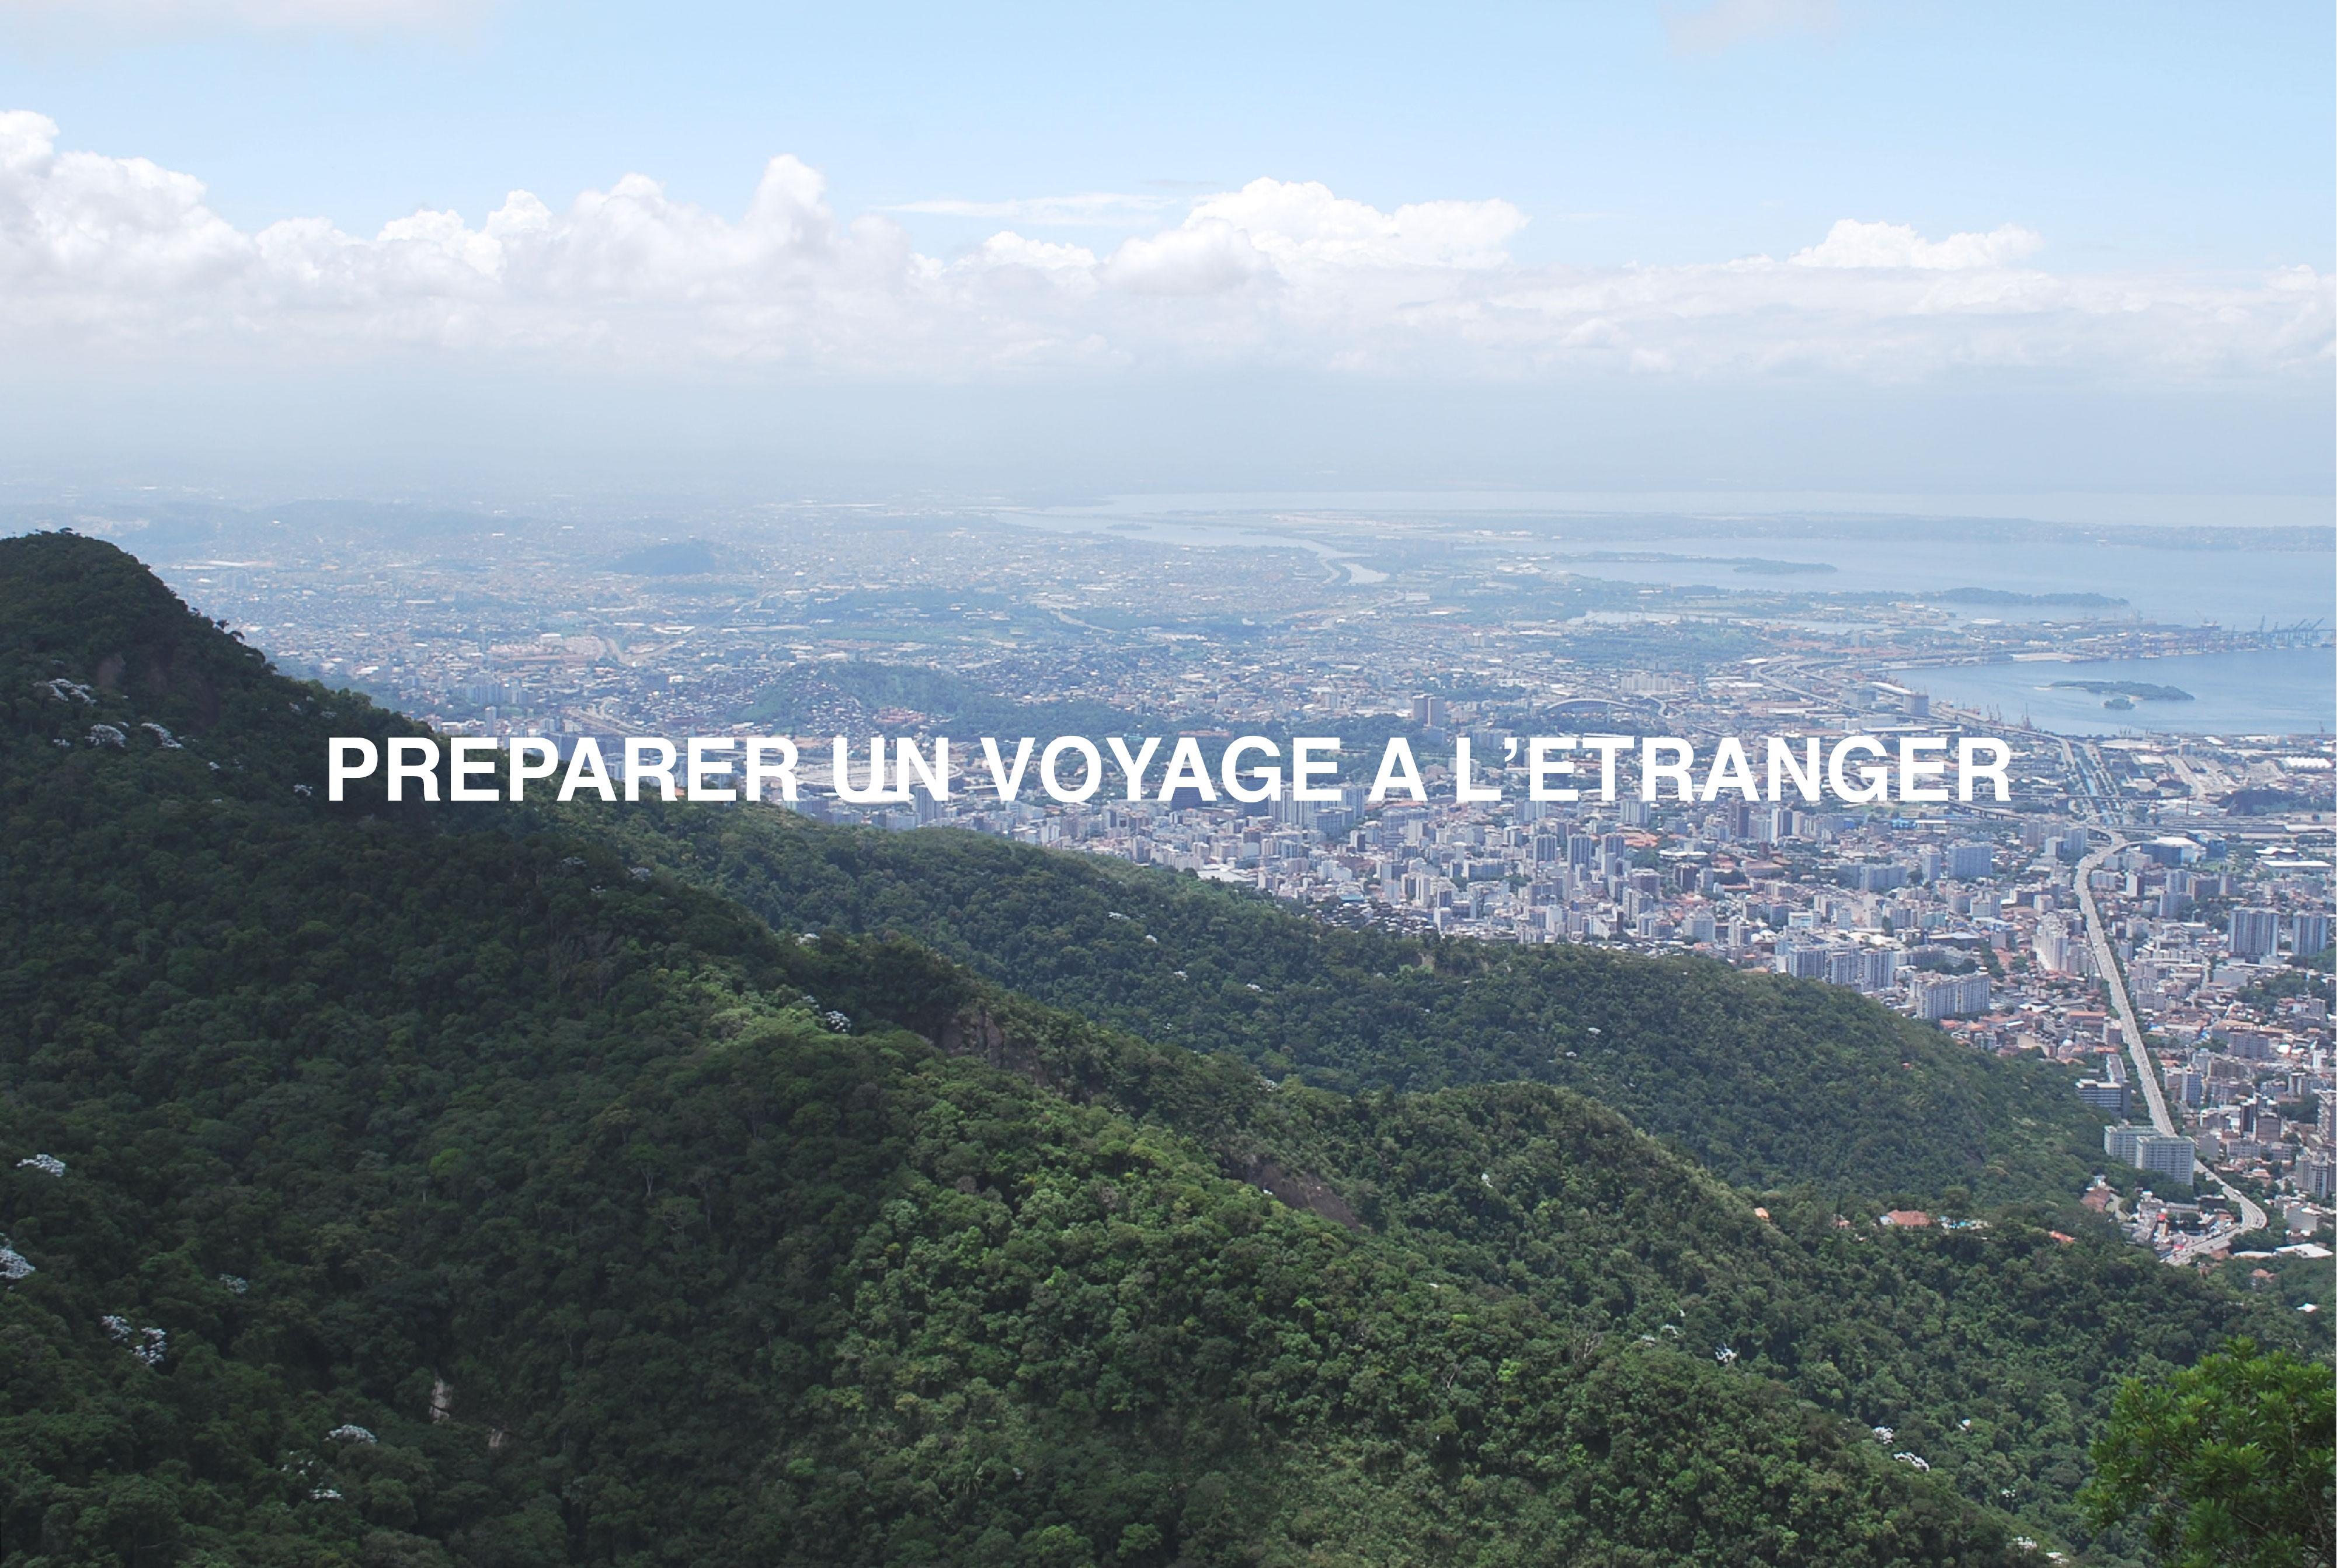 preparer un voyage a l etranger